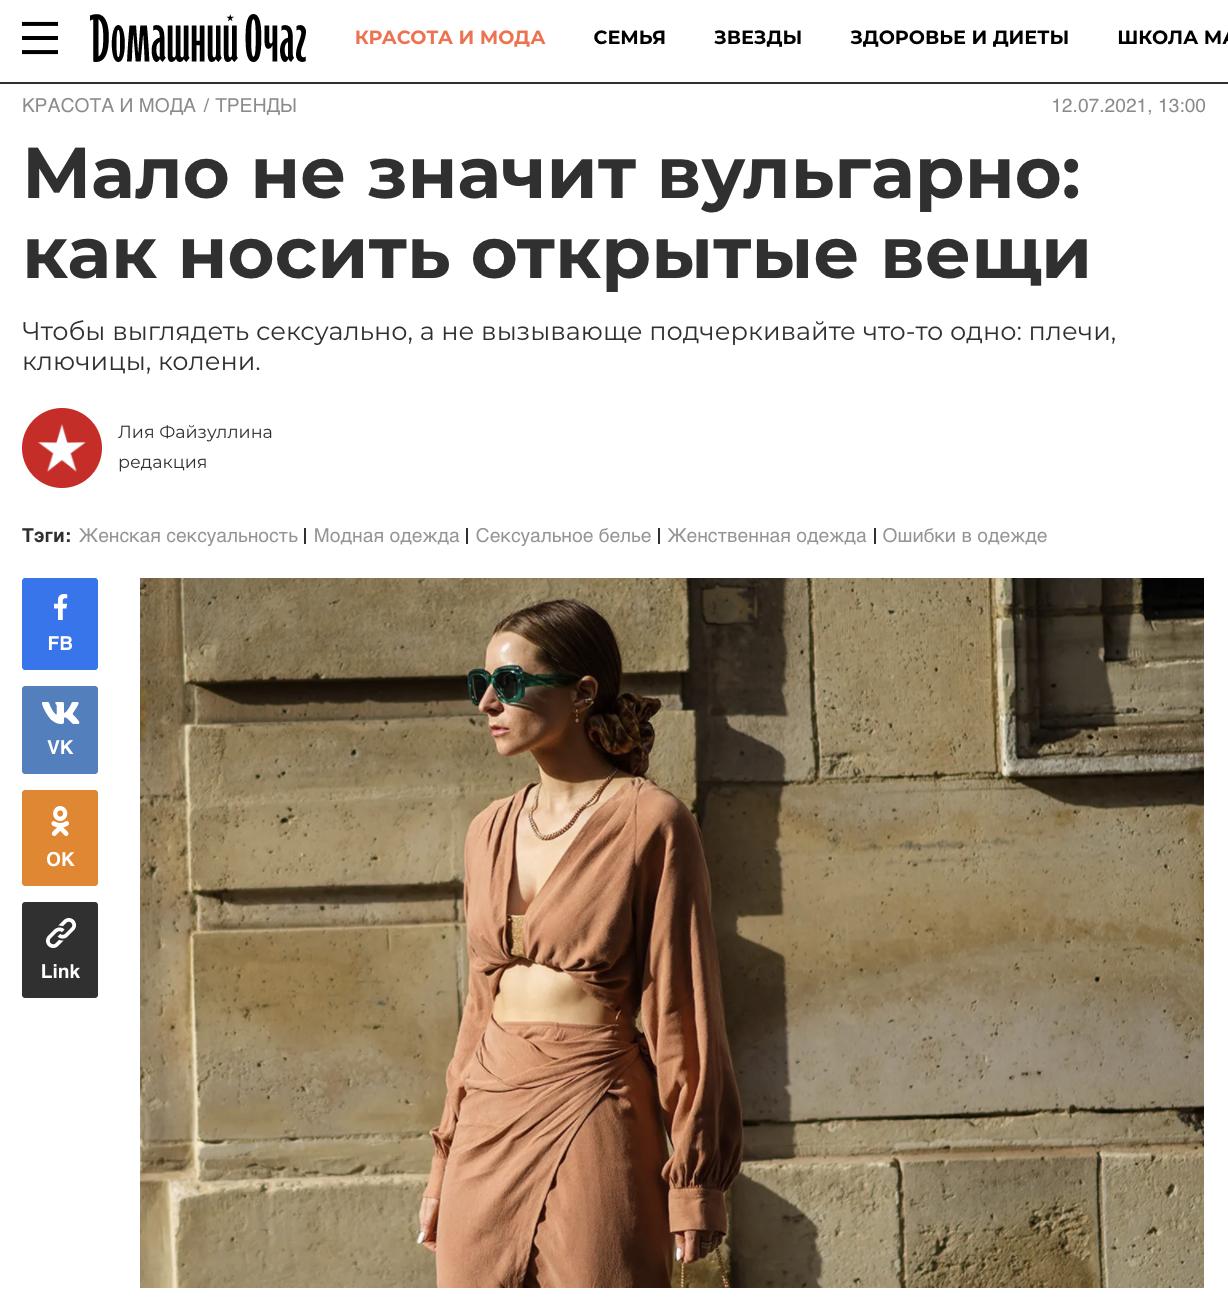 Мало не значит вульгарно: как носить открытые вещи